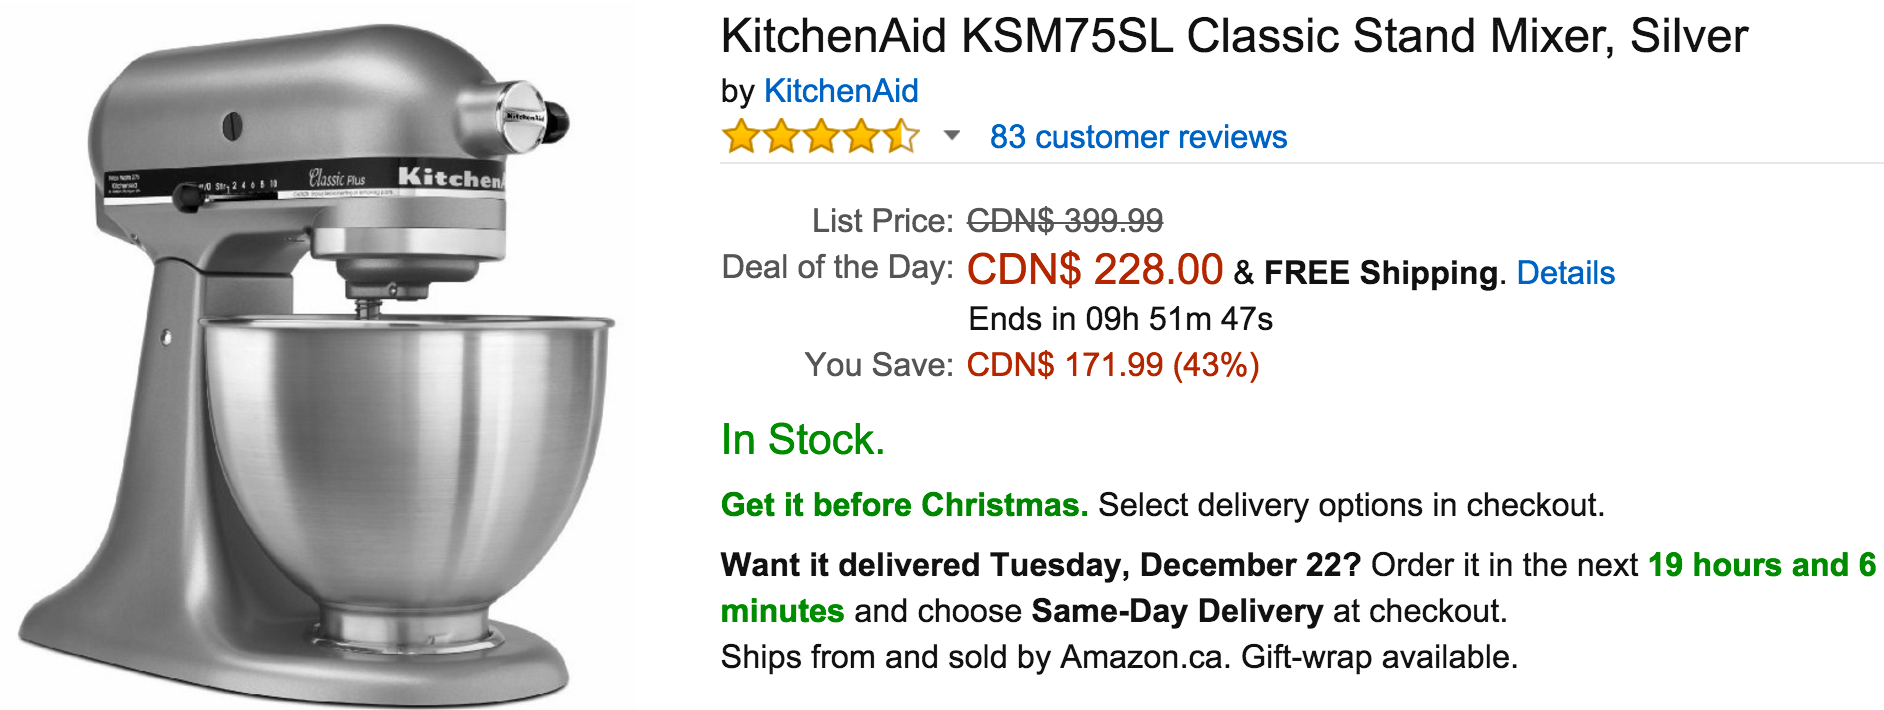 Amazon kitchenaid coupon - Cyber monday deals 2018 canon 7d